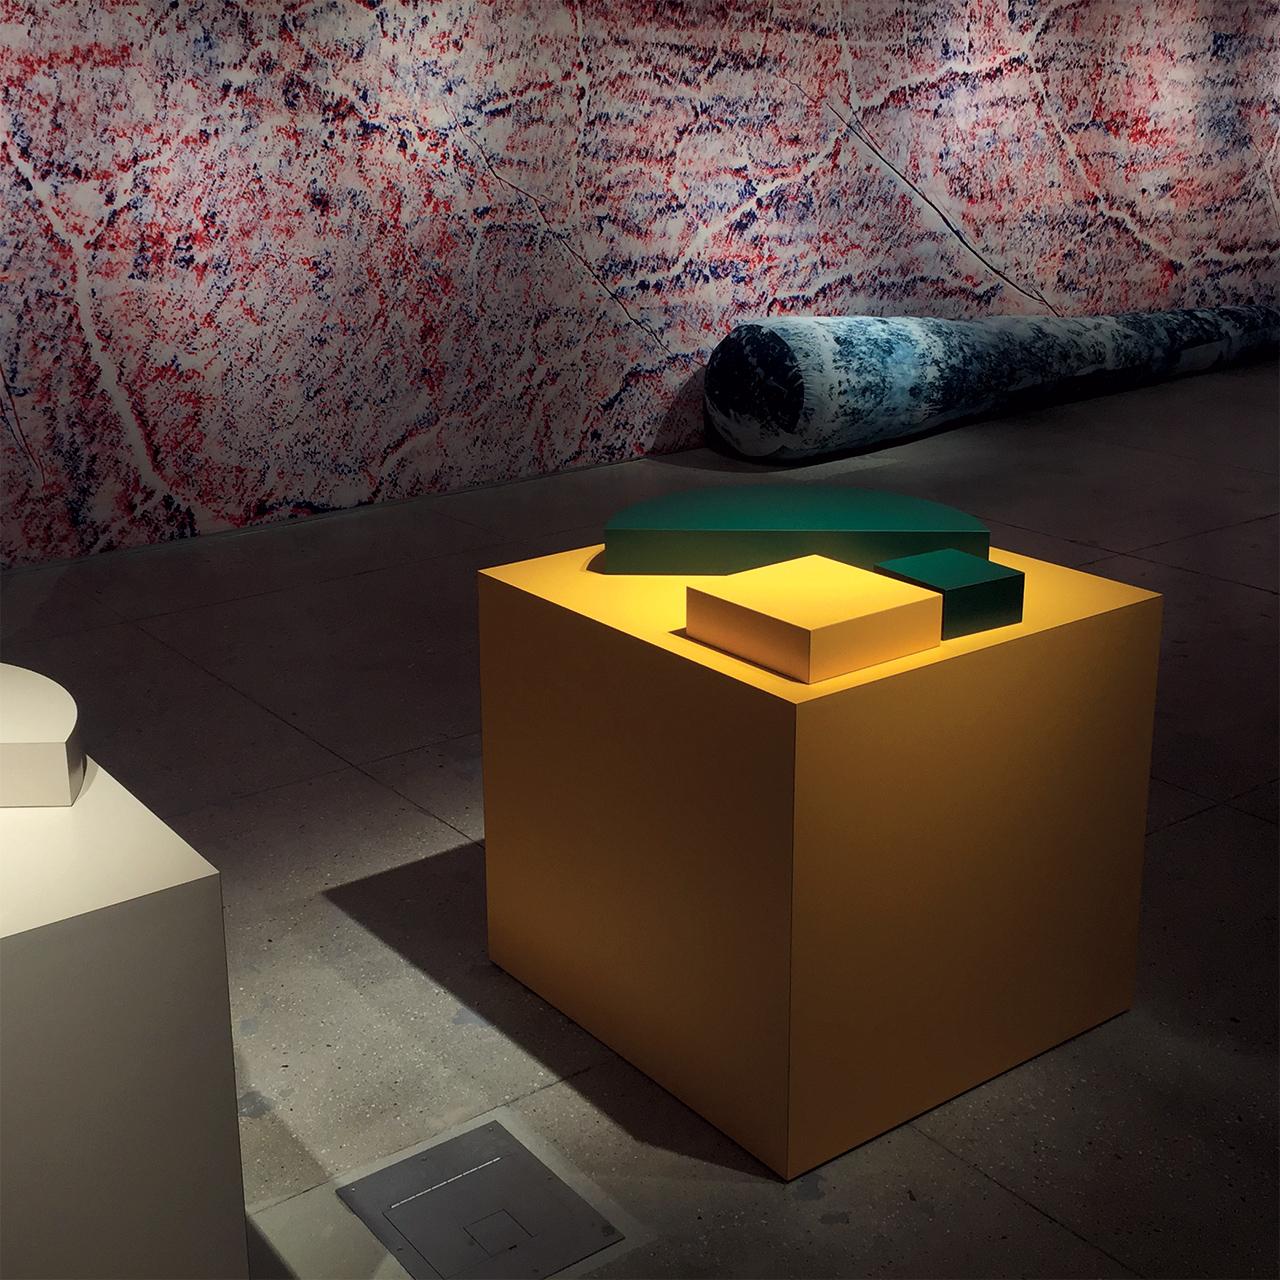 스털링 루비의 작품들로 채워진 캘빈 클라인 쇼룸